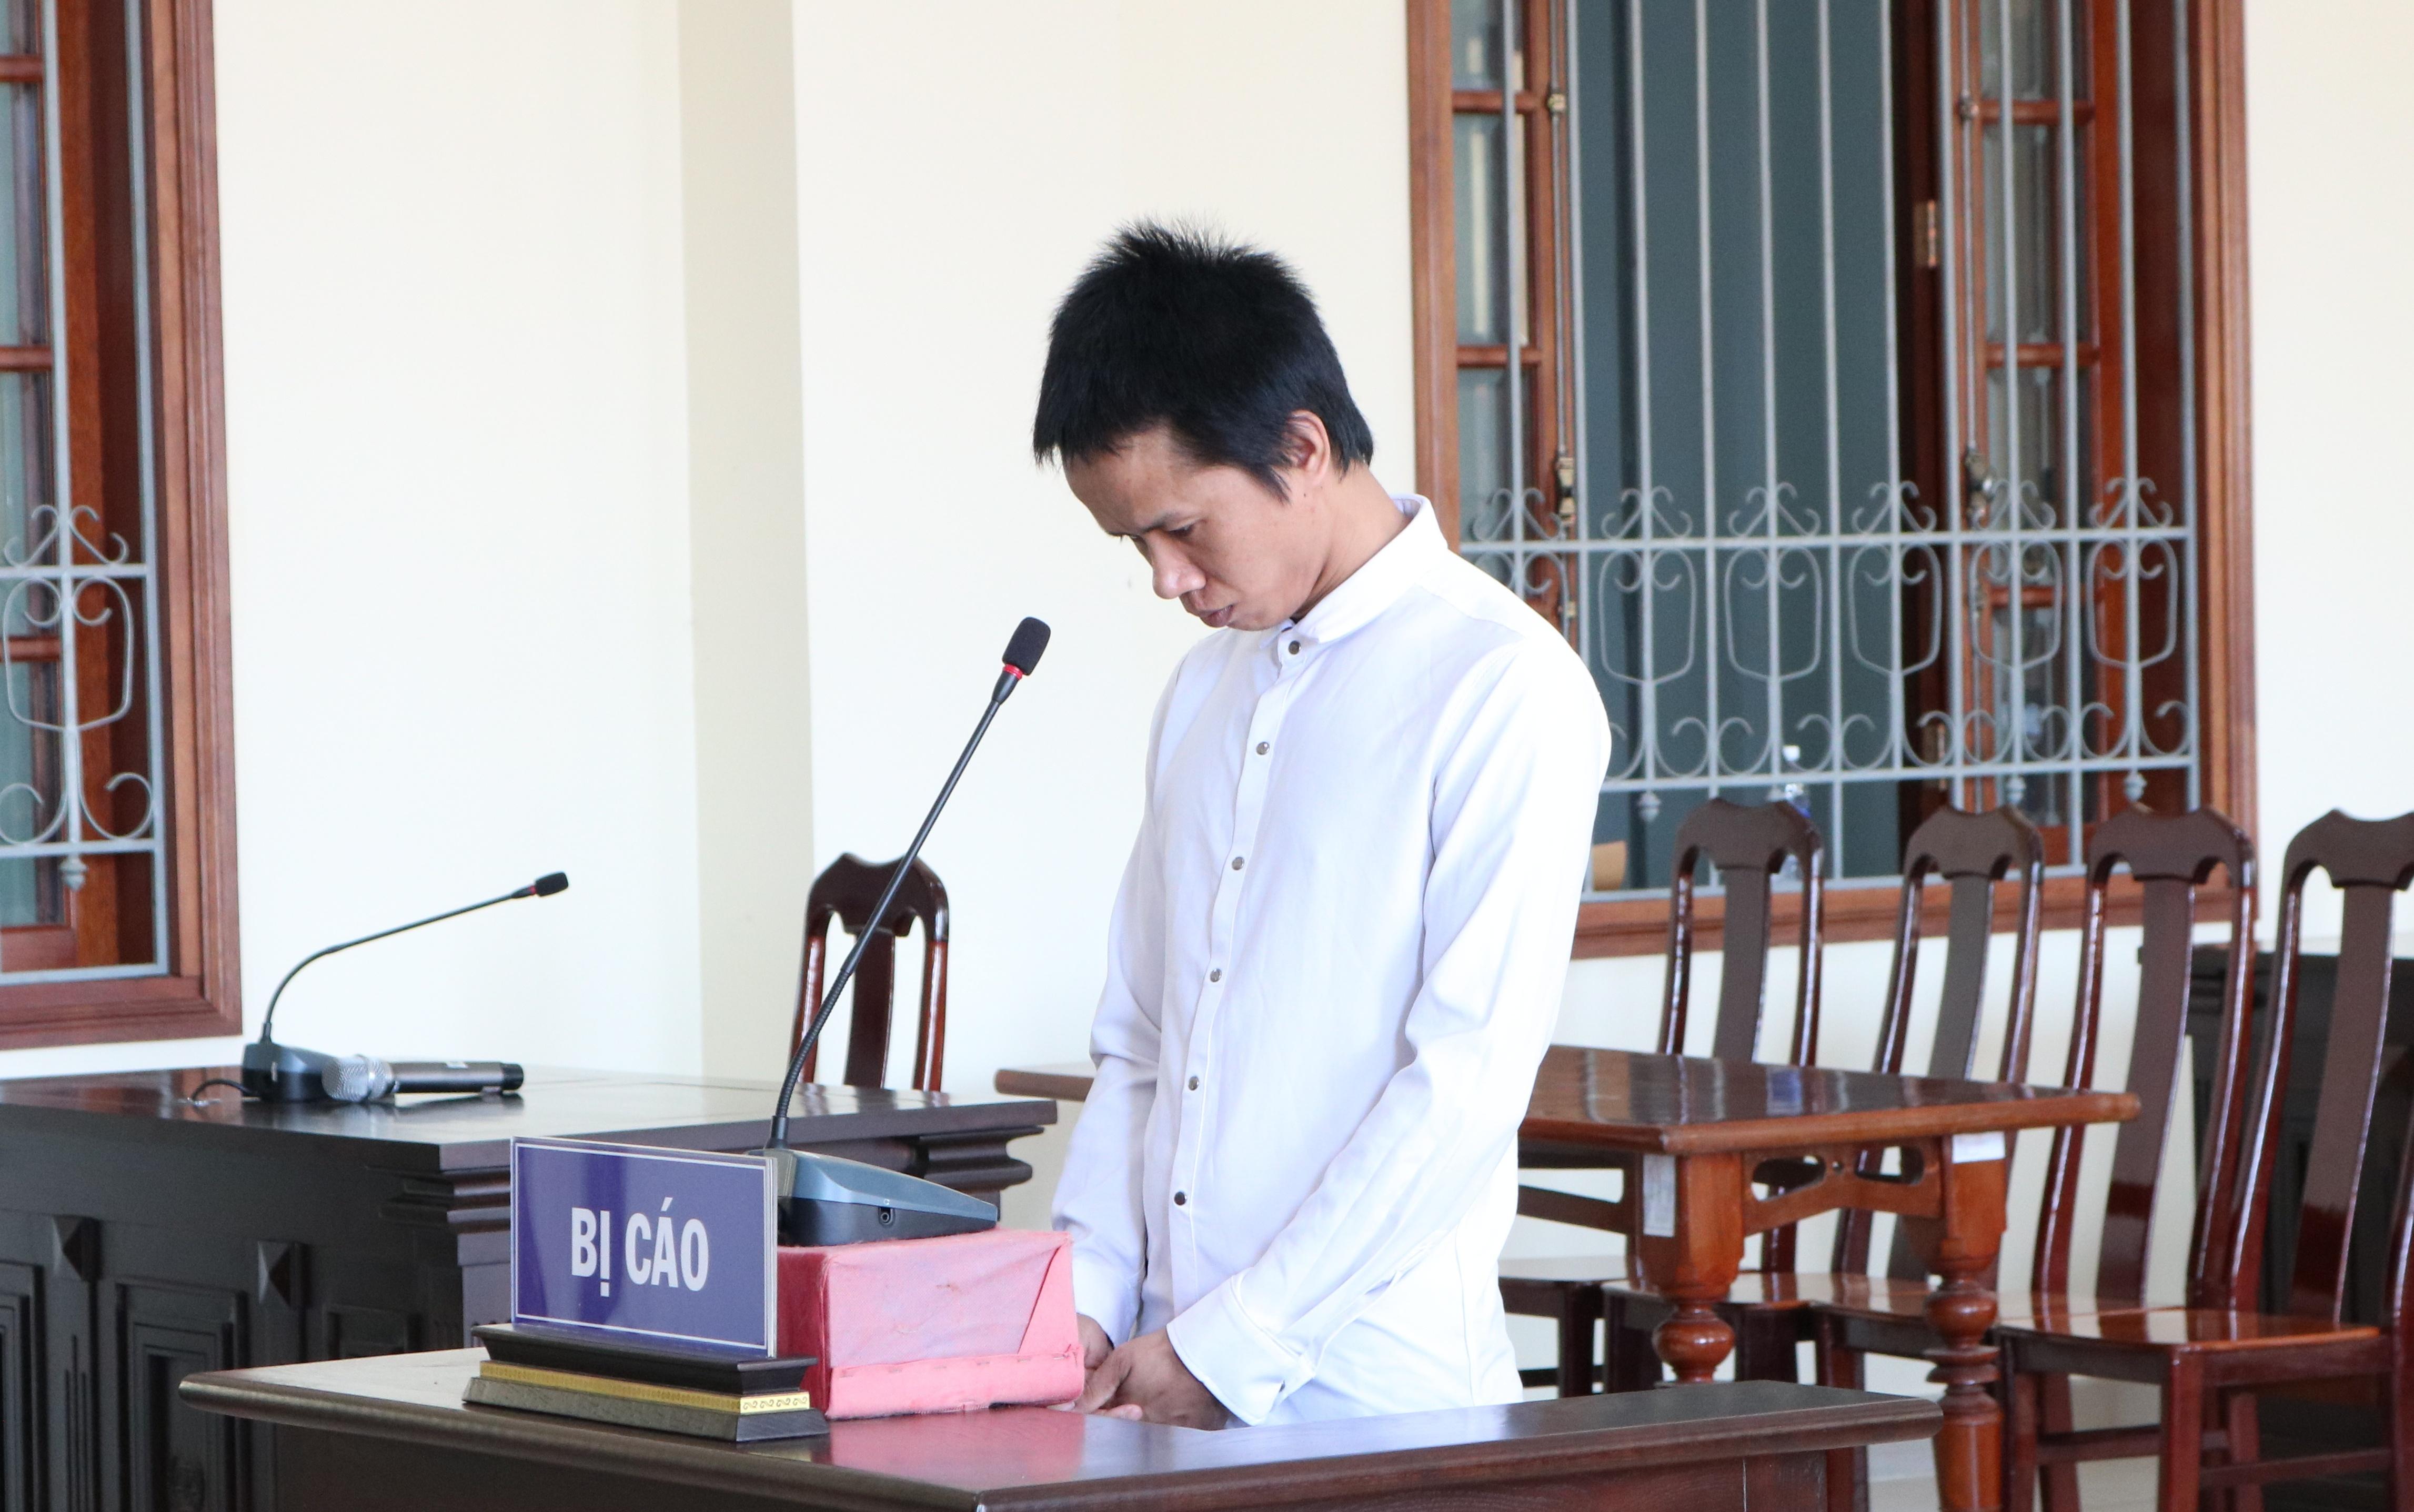 Chiếm đoạt hơn 500 triệu làm hồ sơ XKLĐ Hàn Quốc, kẻ lừa đảo lĩnh 14 năm tù - Ảnh 1